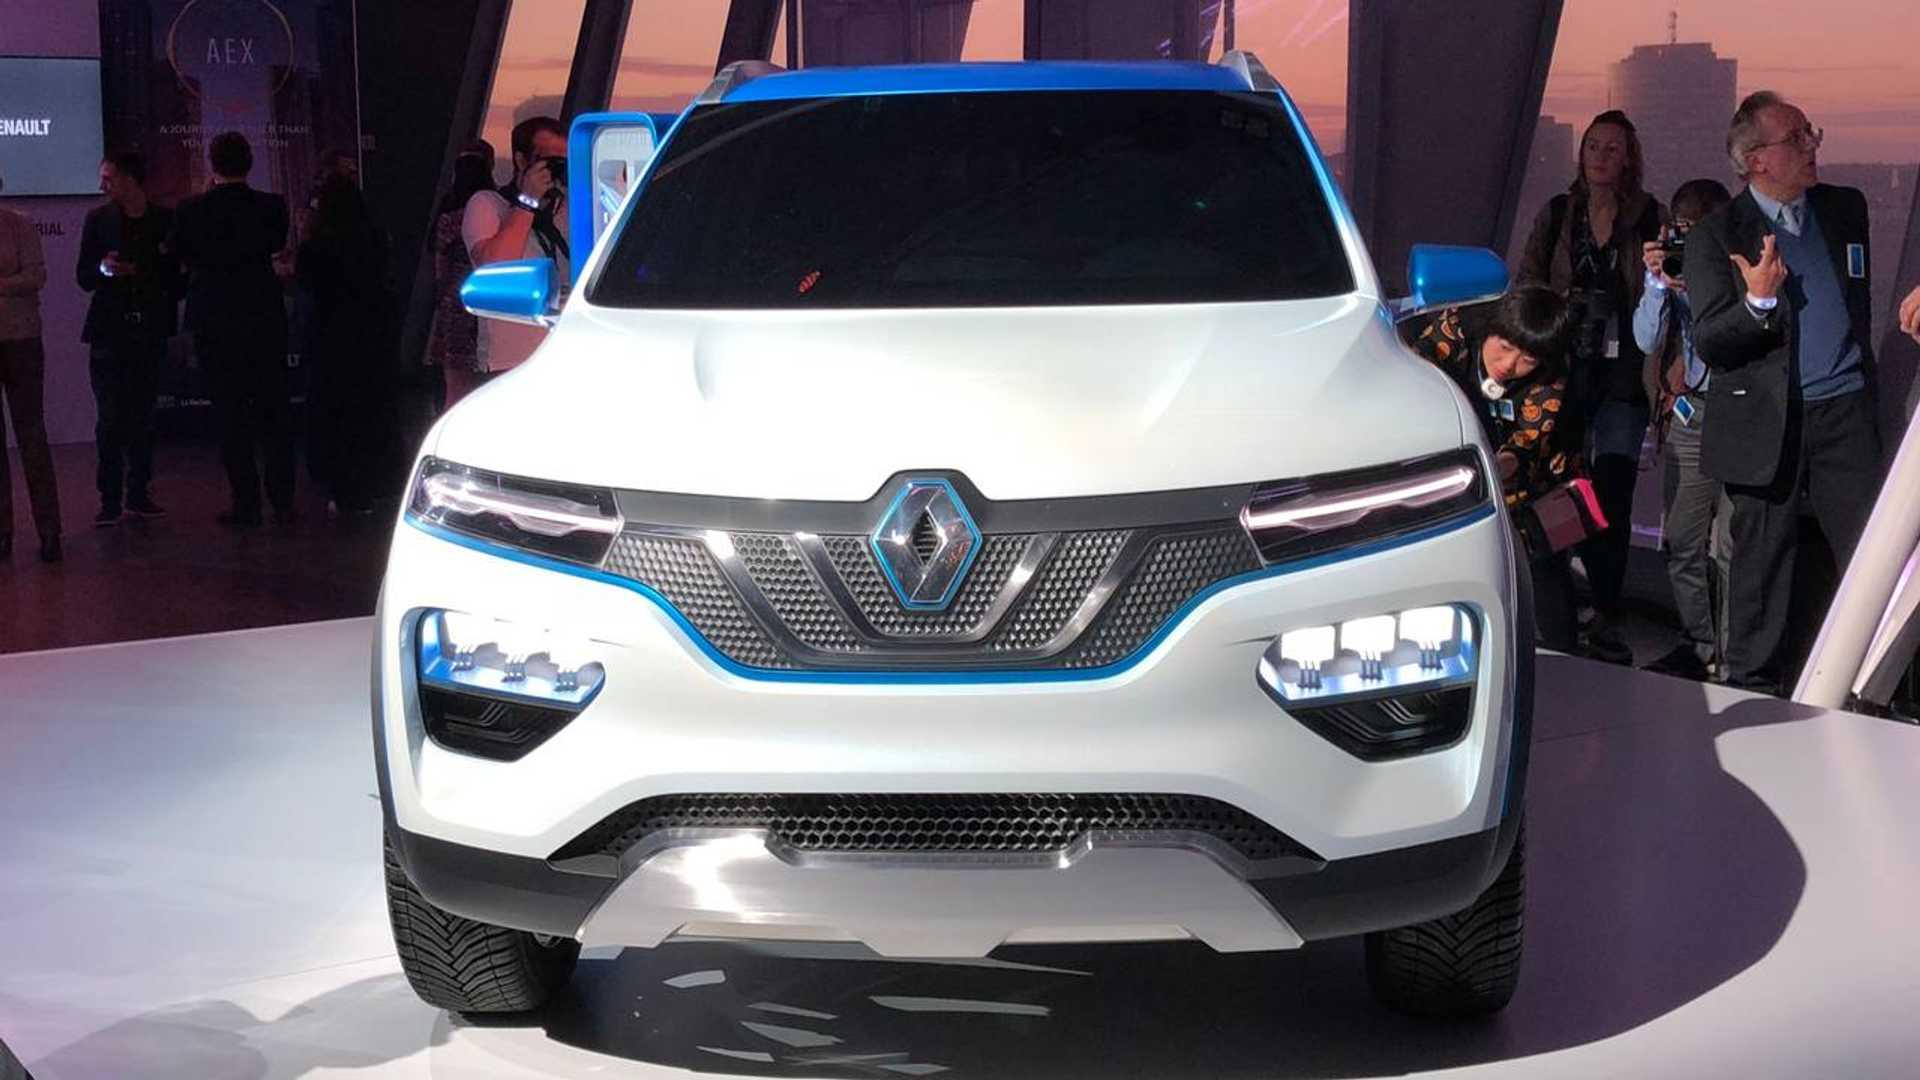 Renault Zeigt Elektro Suv Namens K Ze Und Kündigt Hybride An